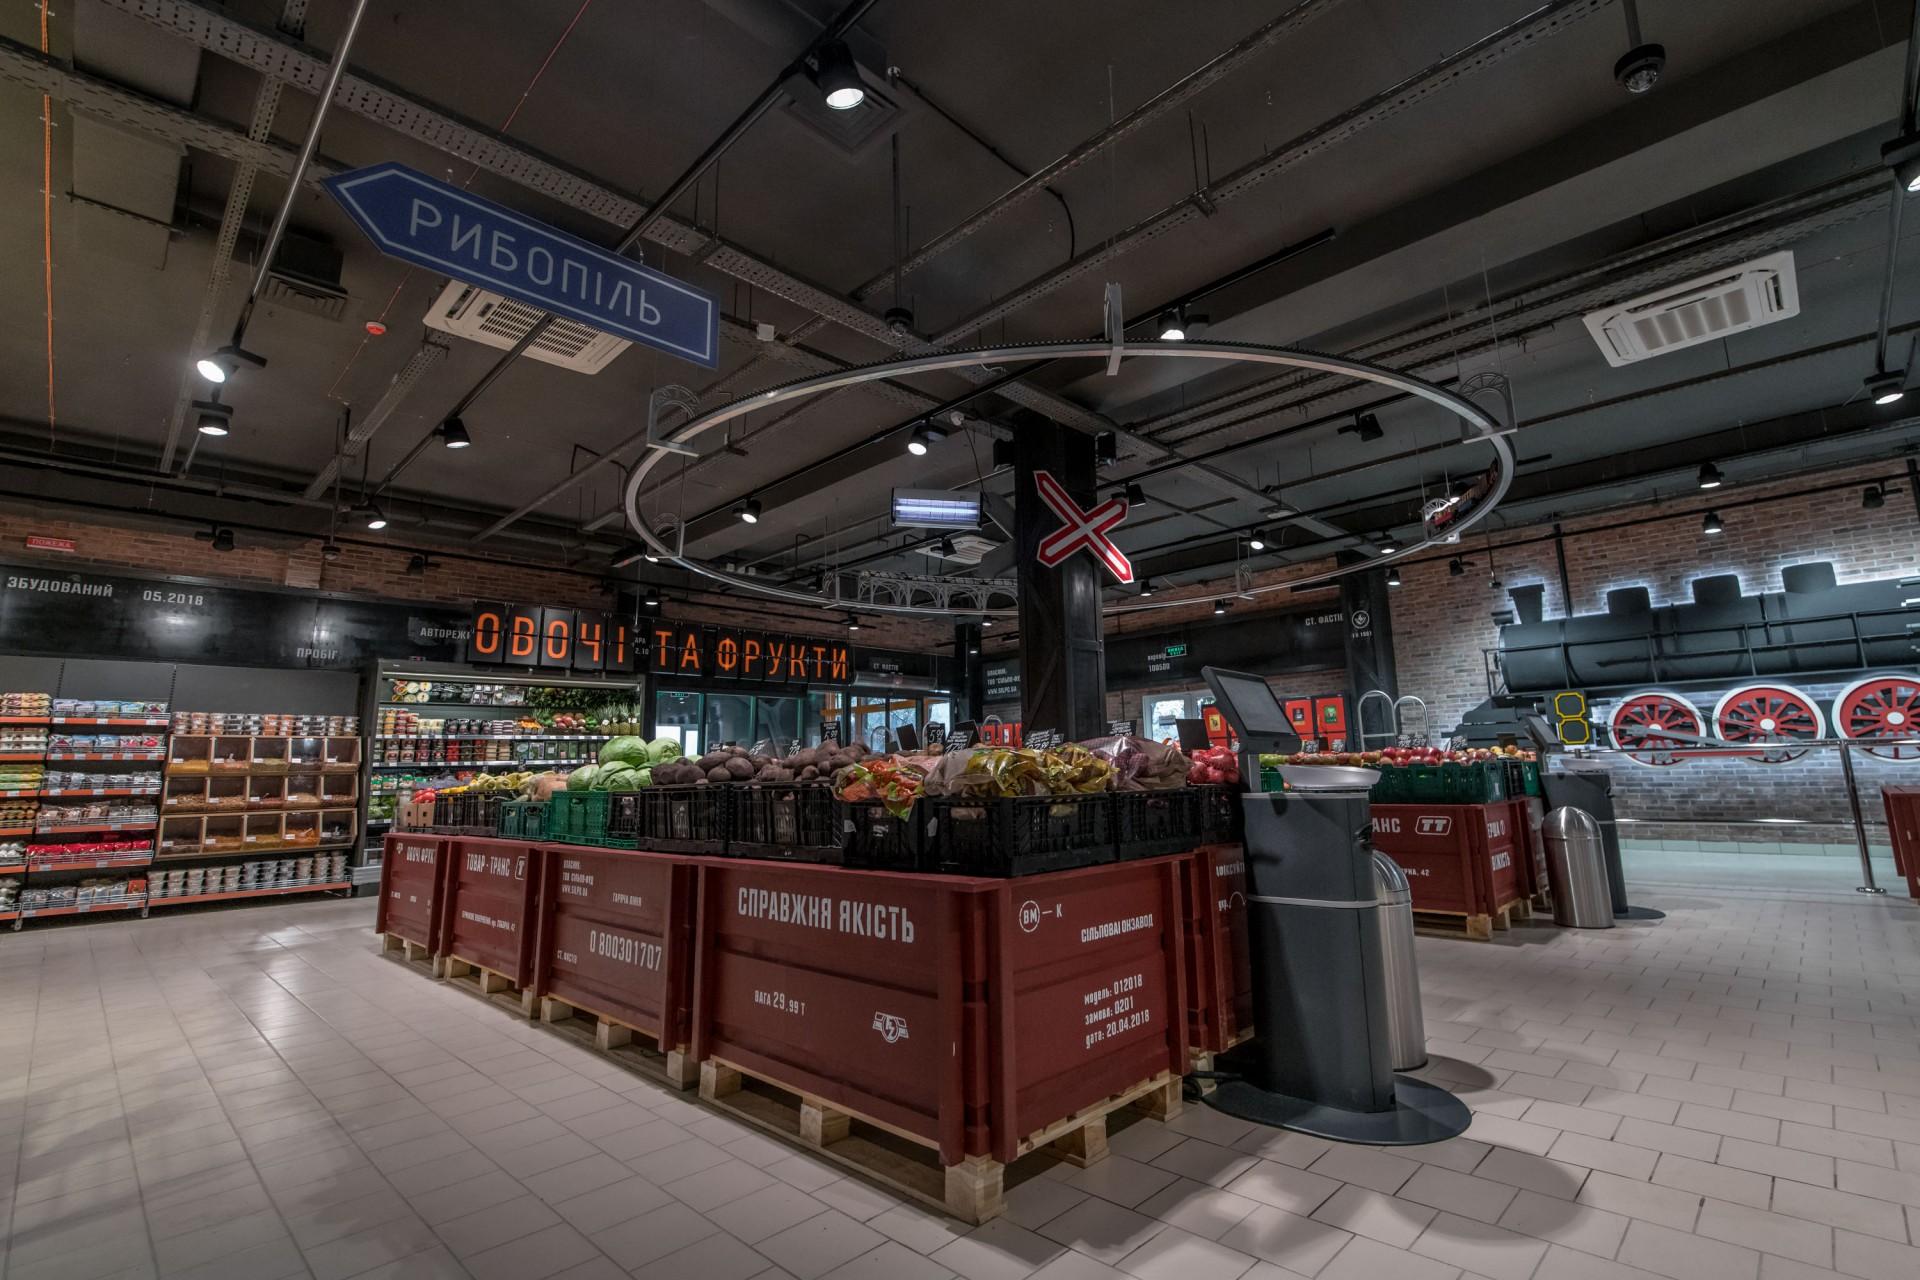 Как изменились известные магазины за 10 лет